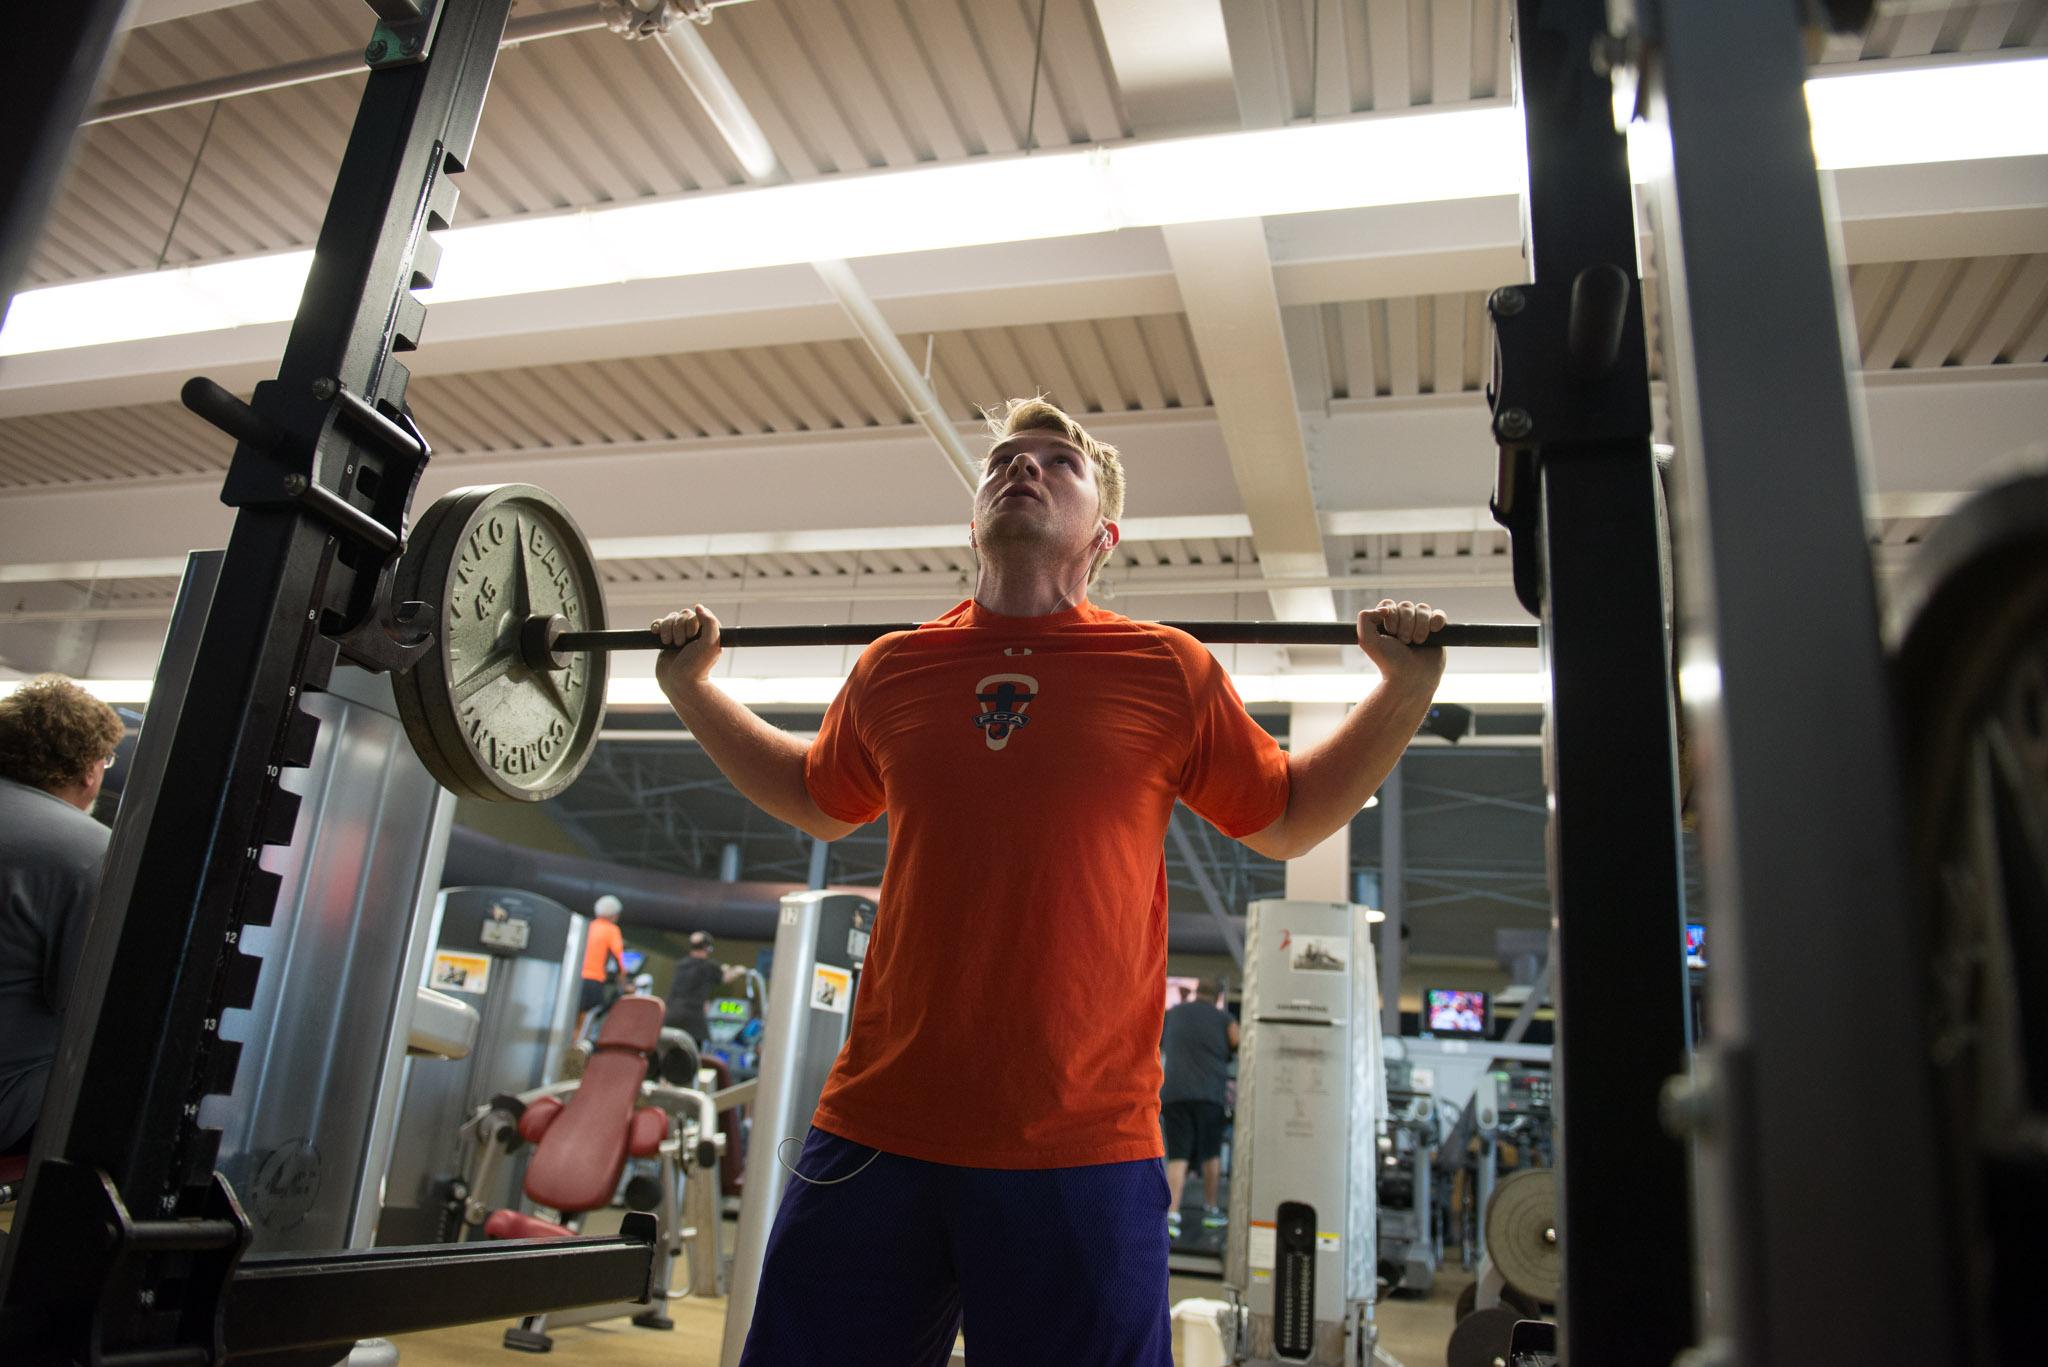 Wellness Center Stock Photos-1331.jpg